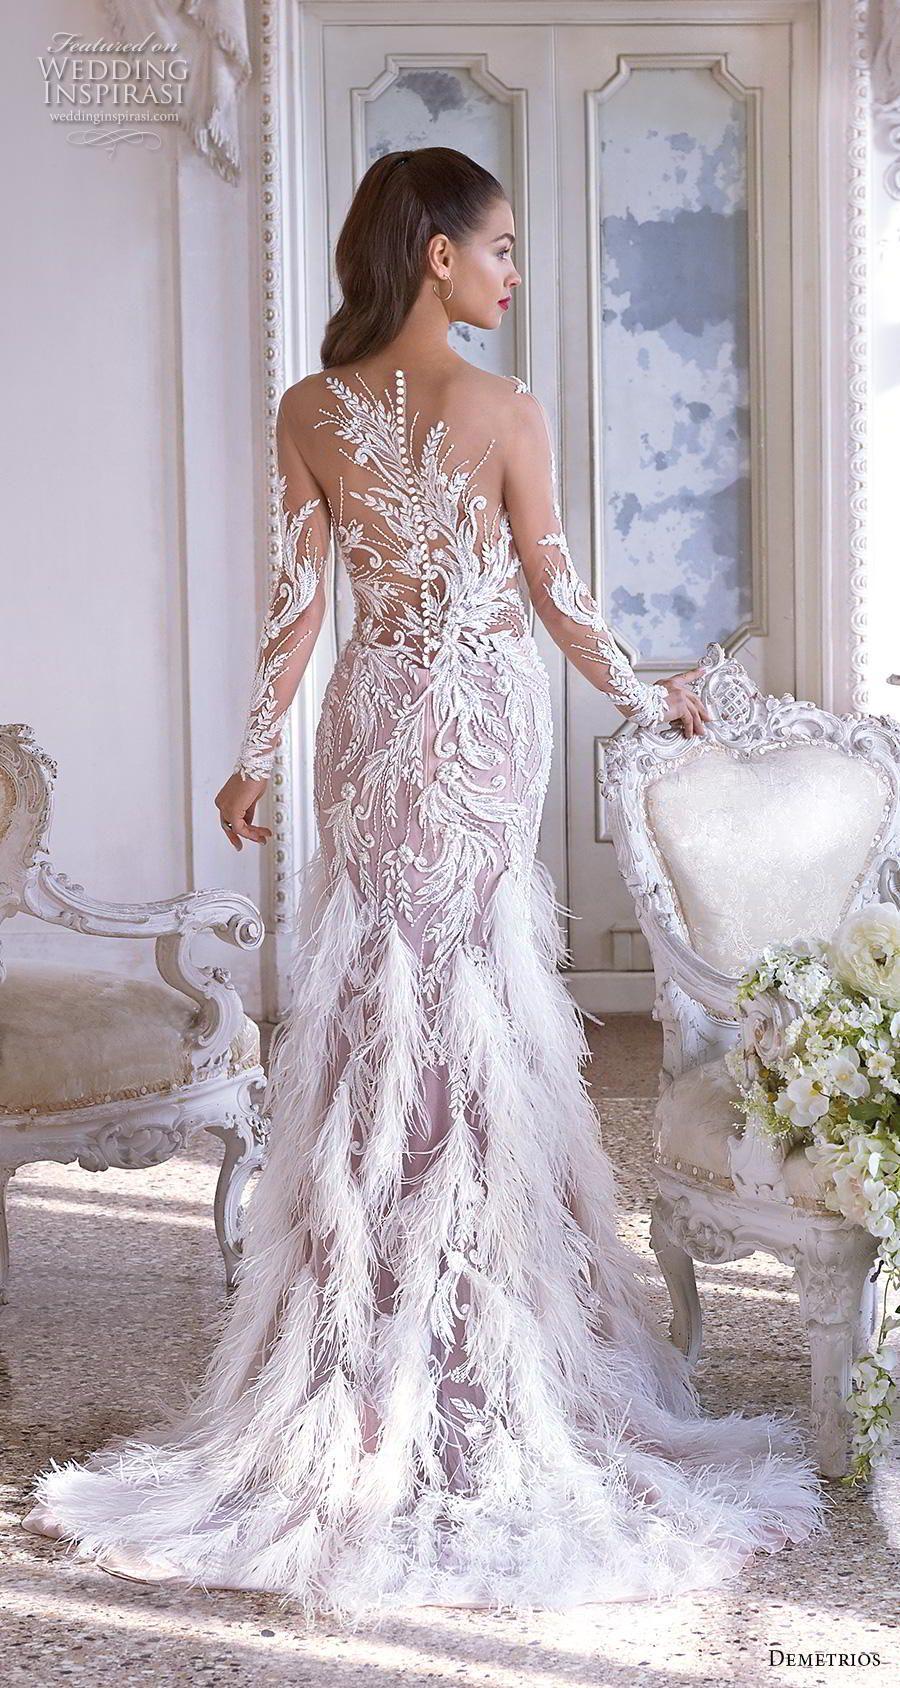 Platinum by demetrios wedding dresses pinterest neckline